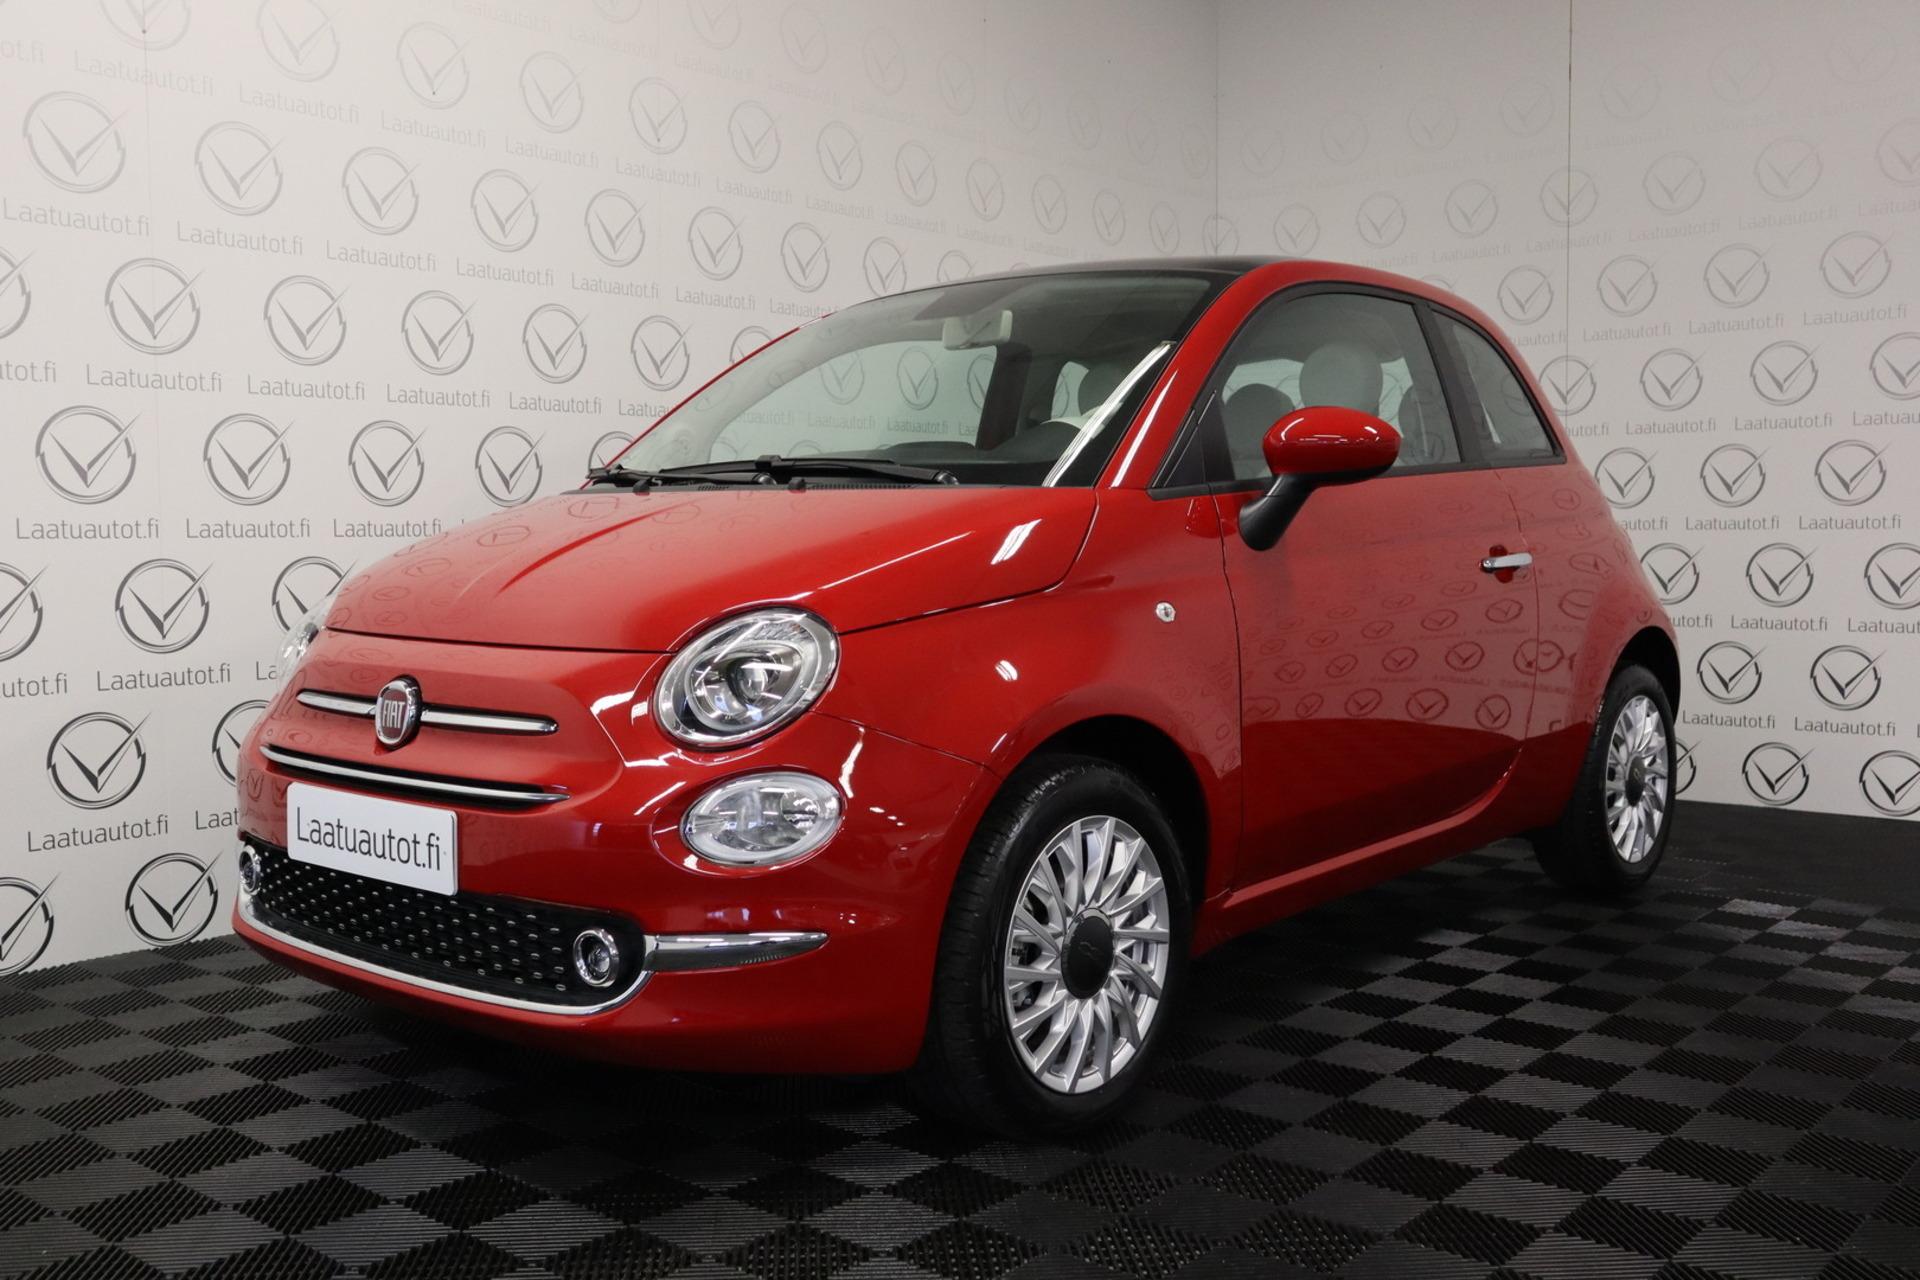 FIAT 500 1, 0 70hv Hybrid MT Lounge - Korko 0, 90%,  rahoitus jopa ilman käsirahaa! Uusi auto nopeaan toimitukseen!